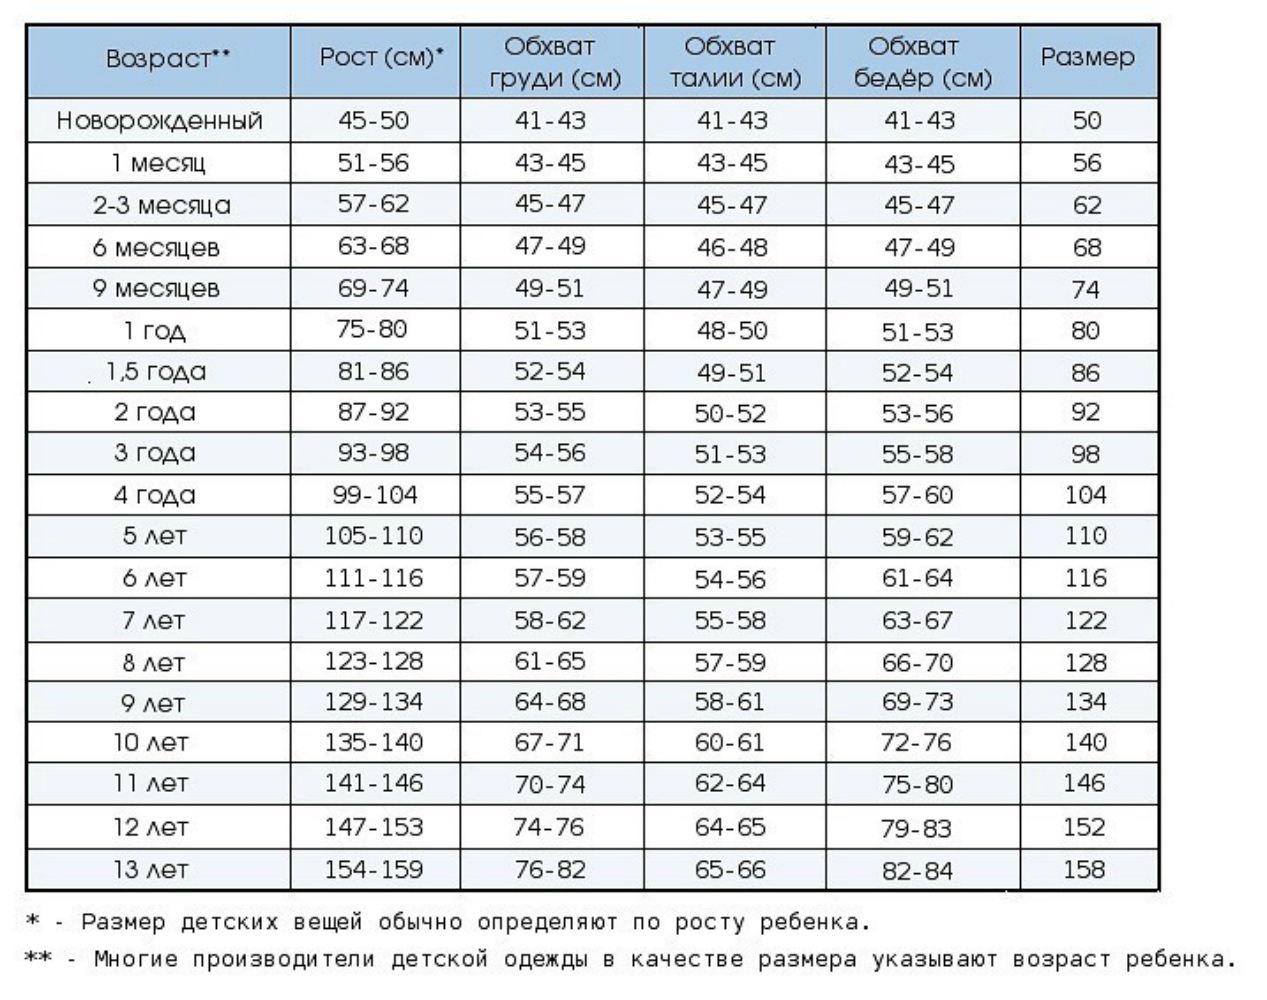 Таблица обхватов и размеров от 0 до 13 лет